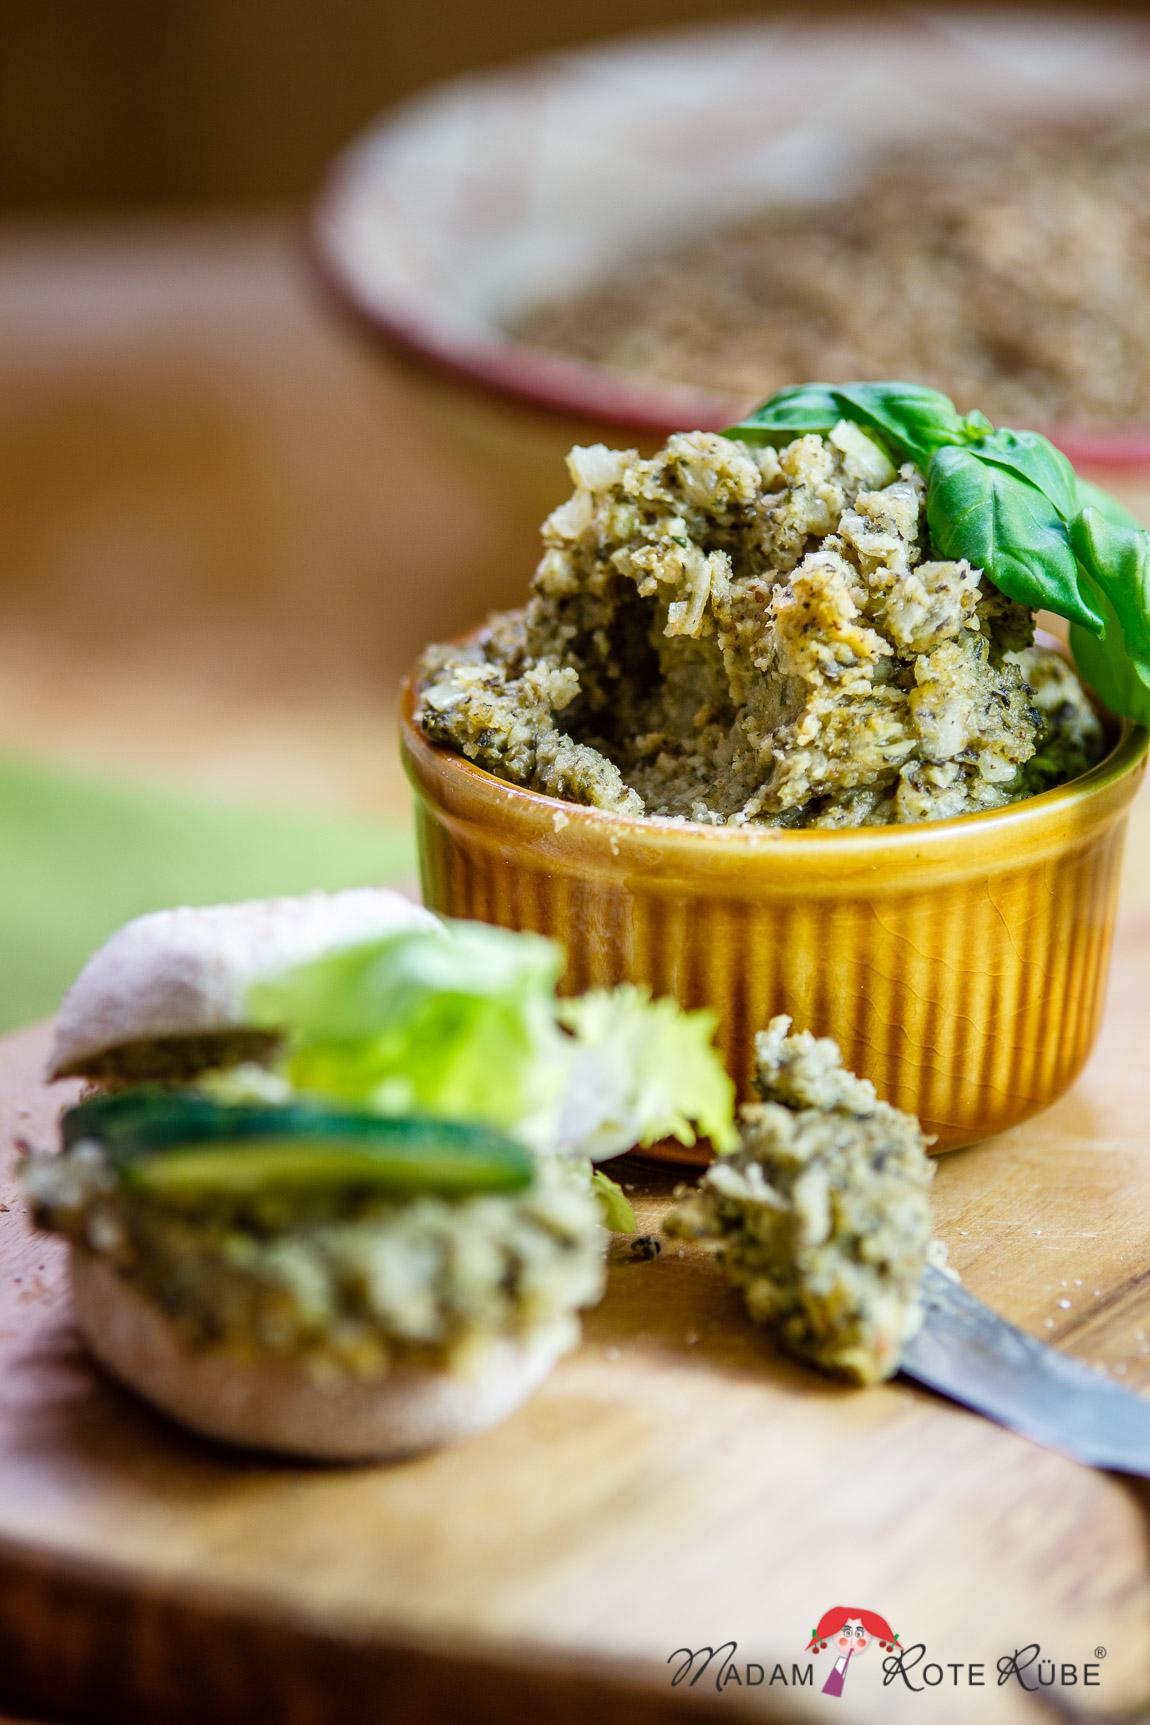 Madam Rote Rübe - vegetarischer Grünkernaufstrich nach Art der Pfälzer Leberwurst